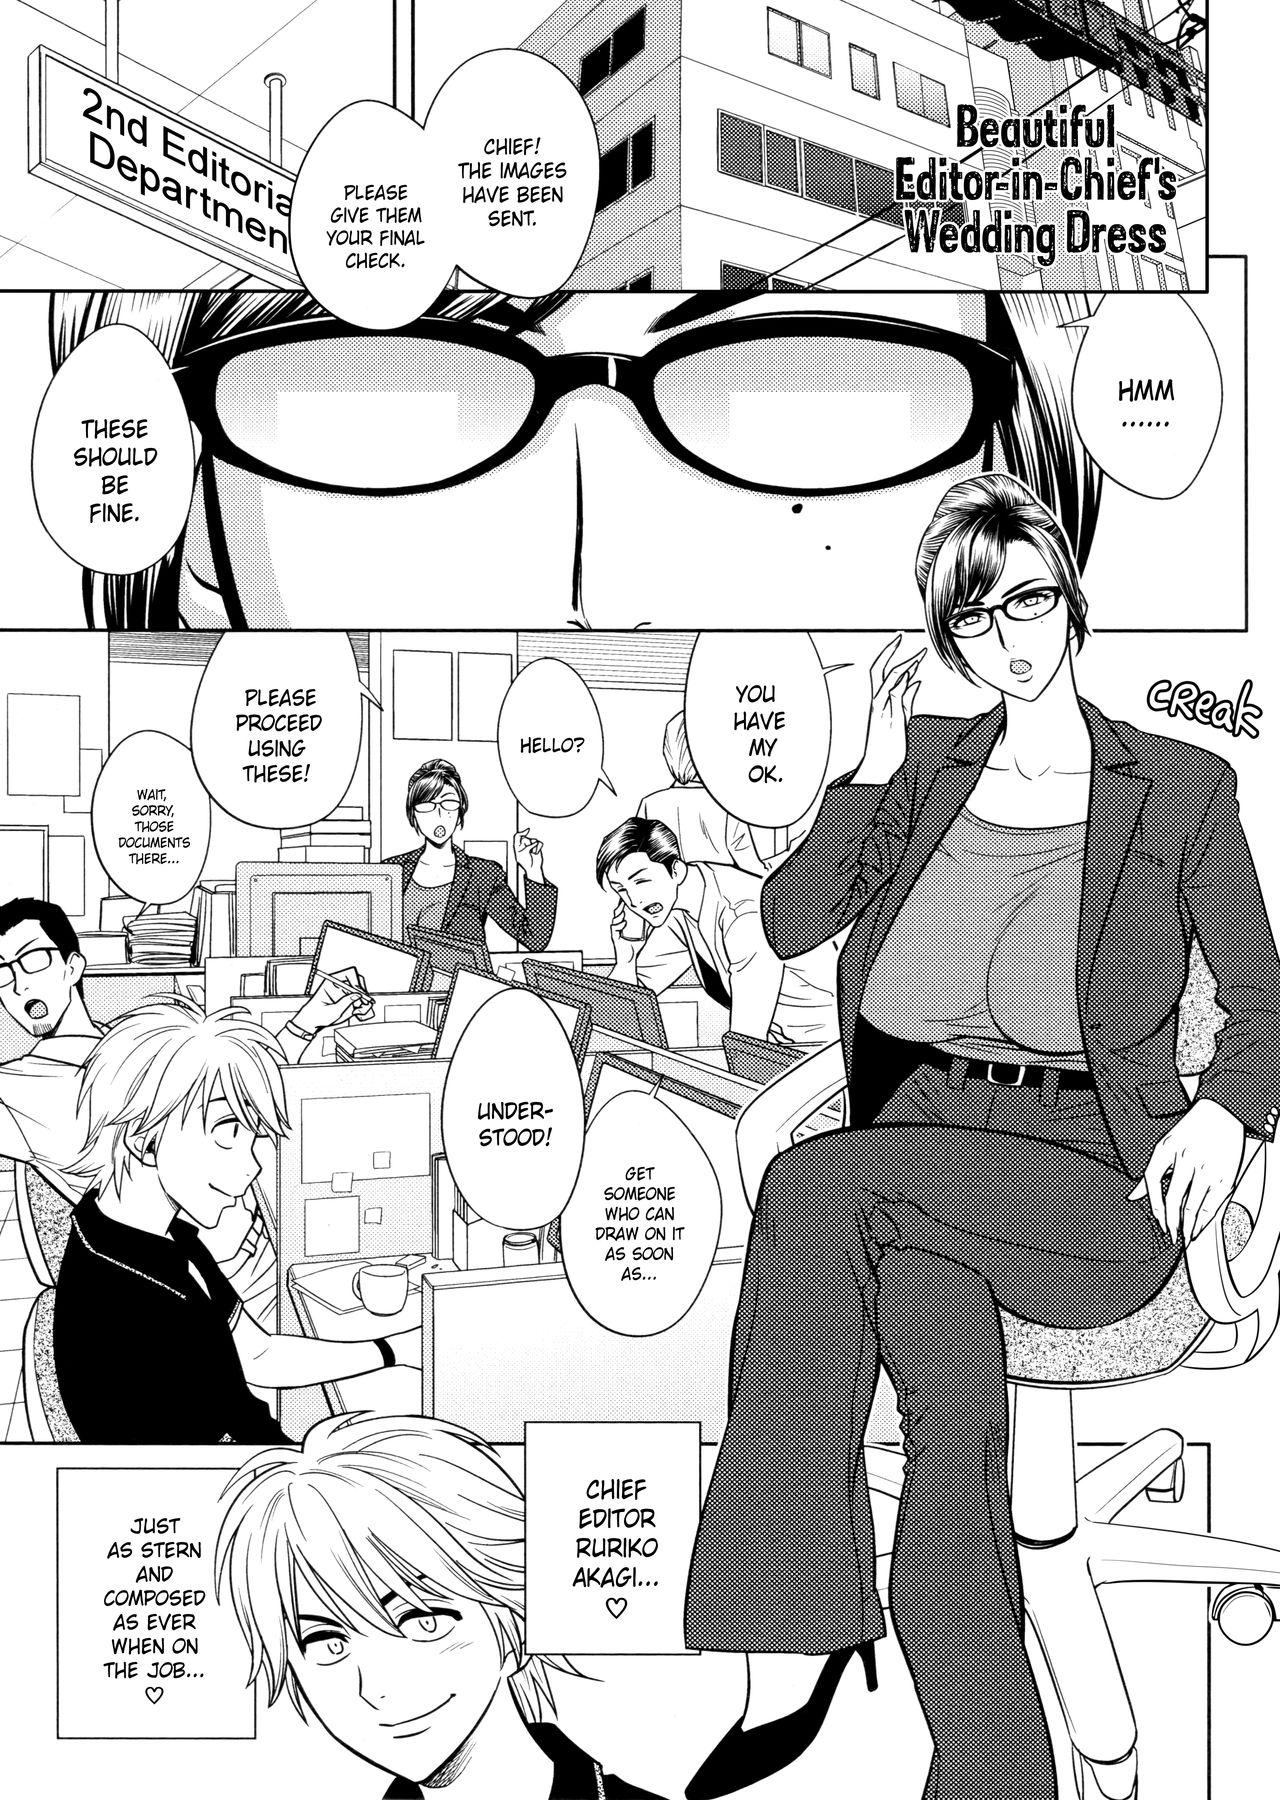 [Tatsunami Youtoku, Yamasaki Masato] Bijin Henshuu-chou no Himitsu | Beautiful Editor-in-Chief's Secret Ch. 1-8 [English] [Forbiddenfetish77, Red Vodka, Crystalium, CEDR777] [Decensored] 82